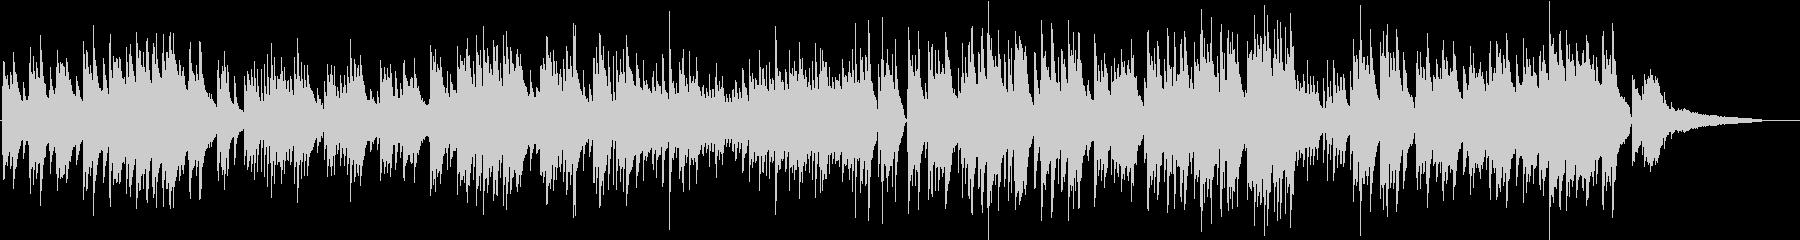 ジブリ風 琴線に触れるピアノバラードの未再生の波形